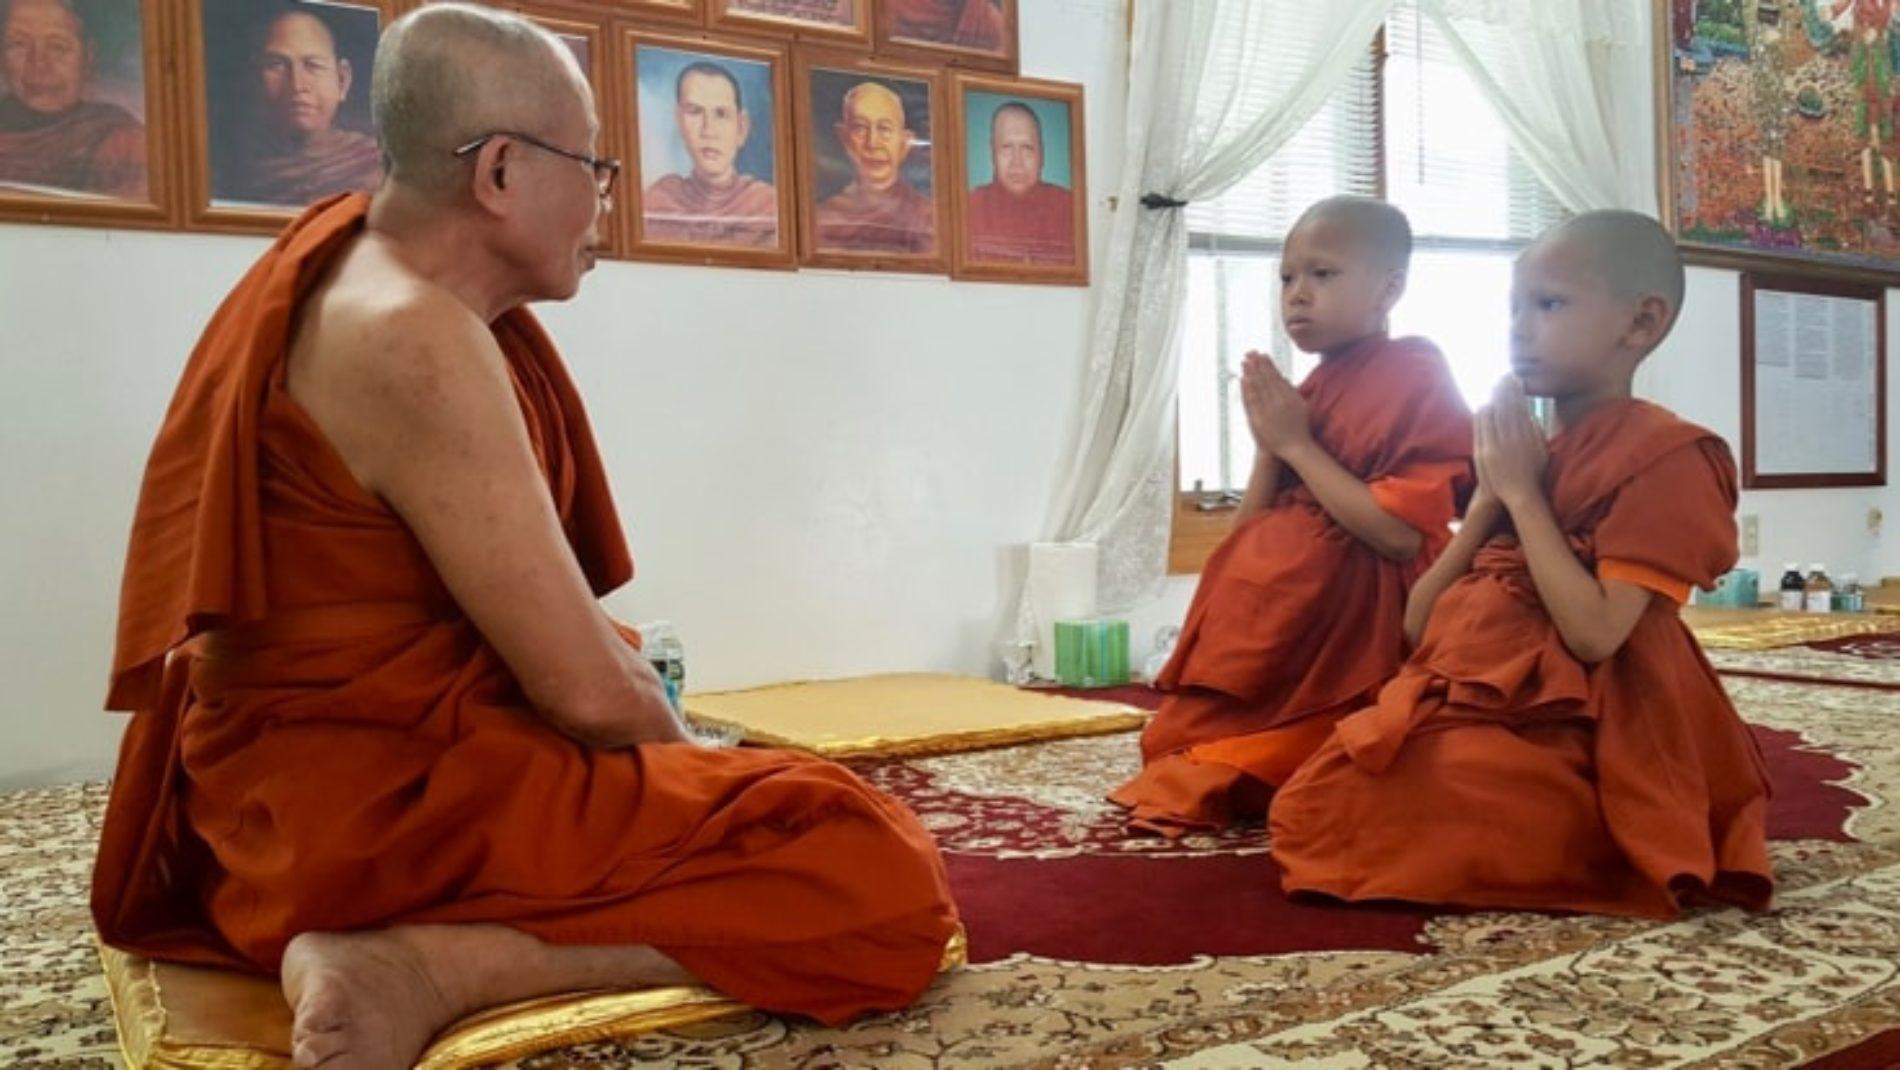 Буддизм в Америке.  Американская Тхеравада в 21 веке